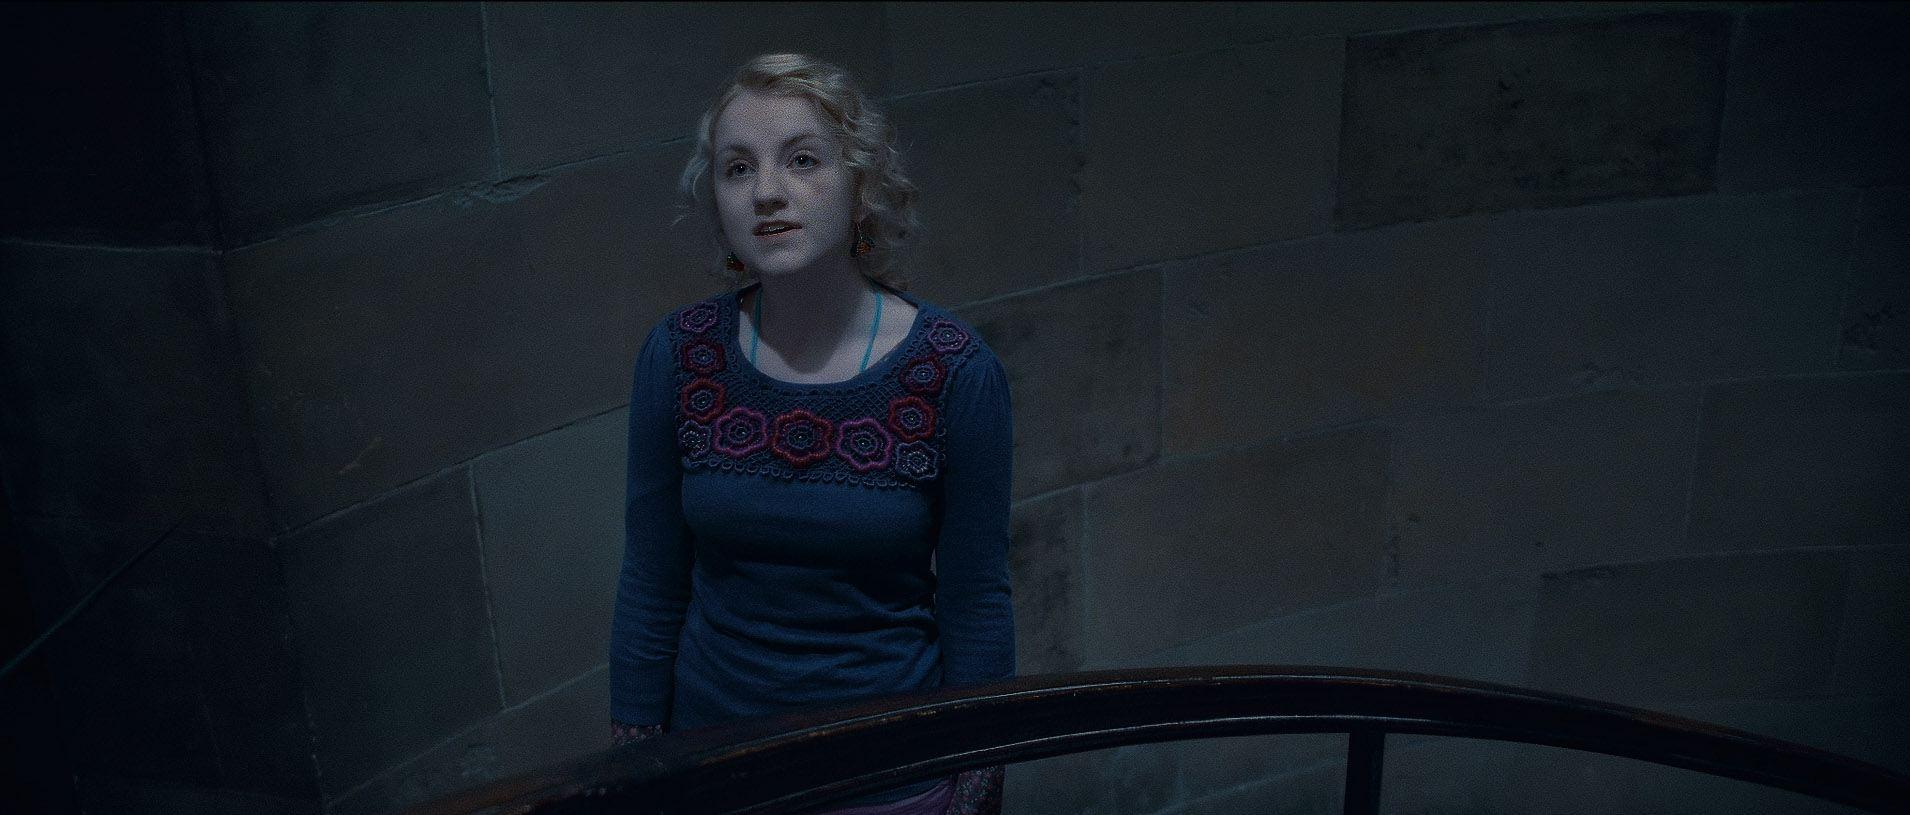 кадры из фильма Гарри Поттер и Дары Смерти: Часть вторая Эванна Линч,